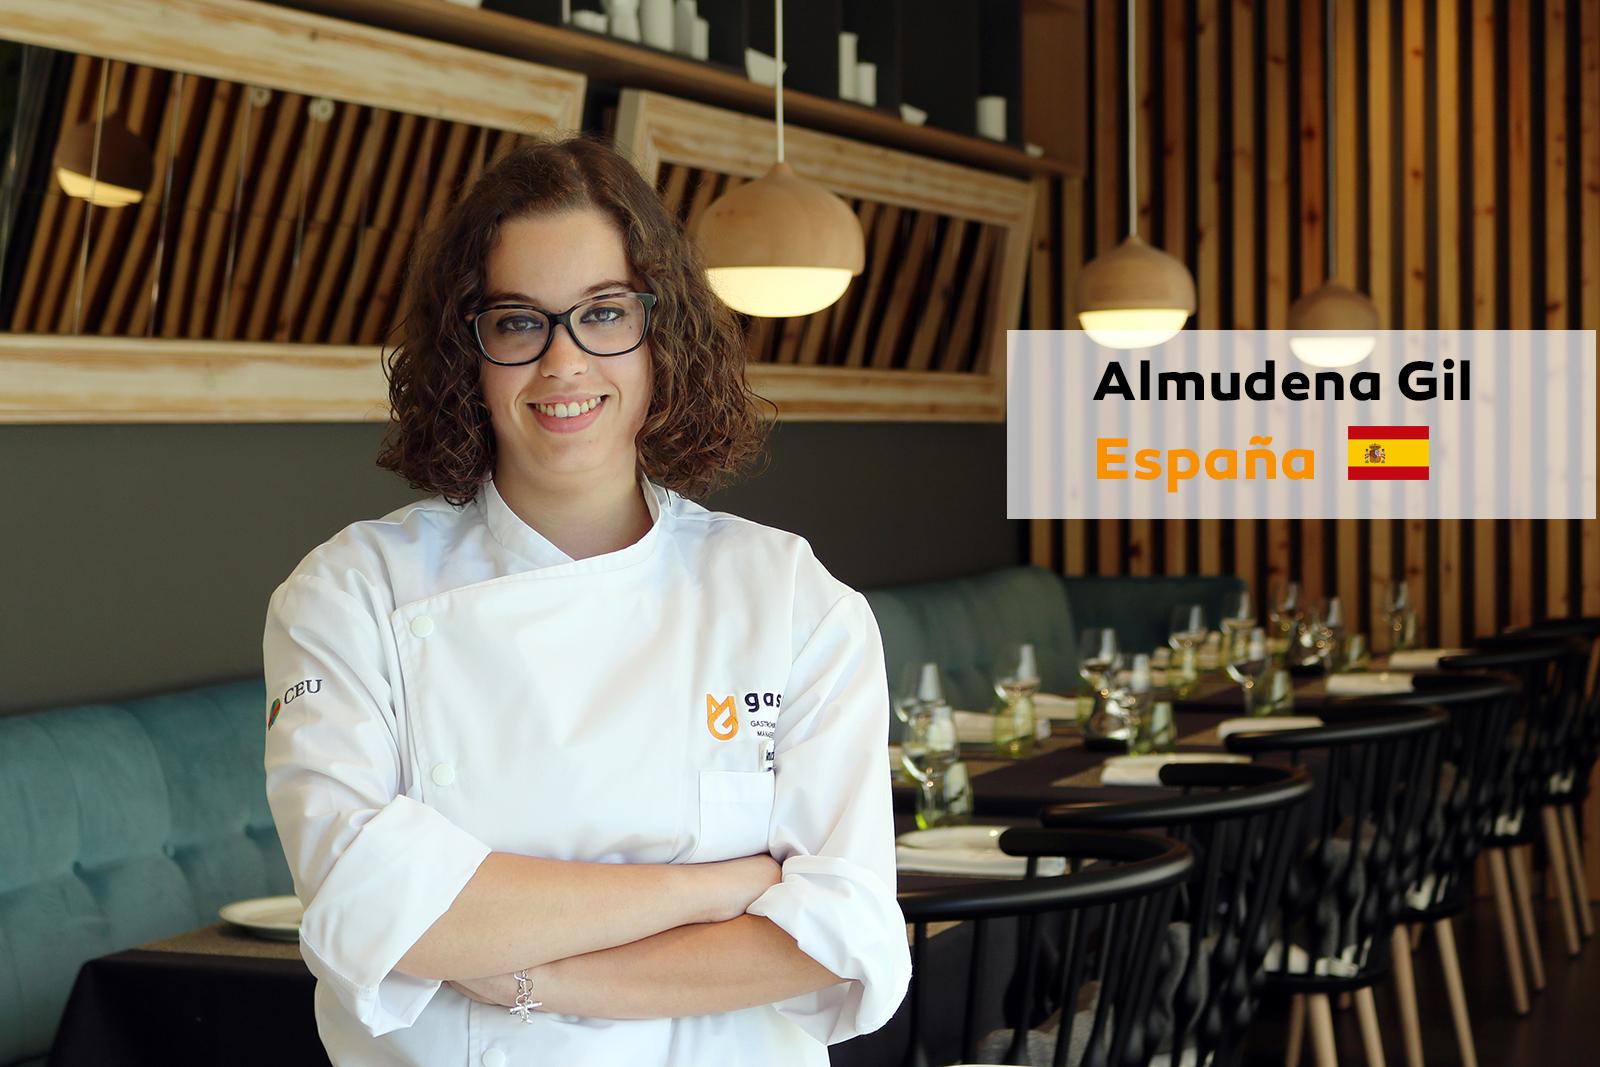 Almudena Gil